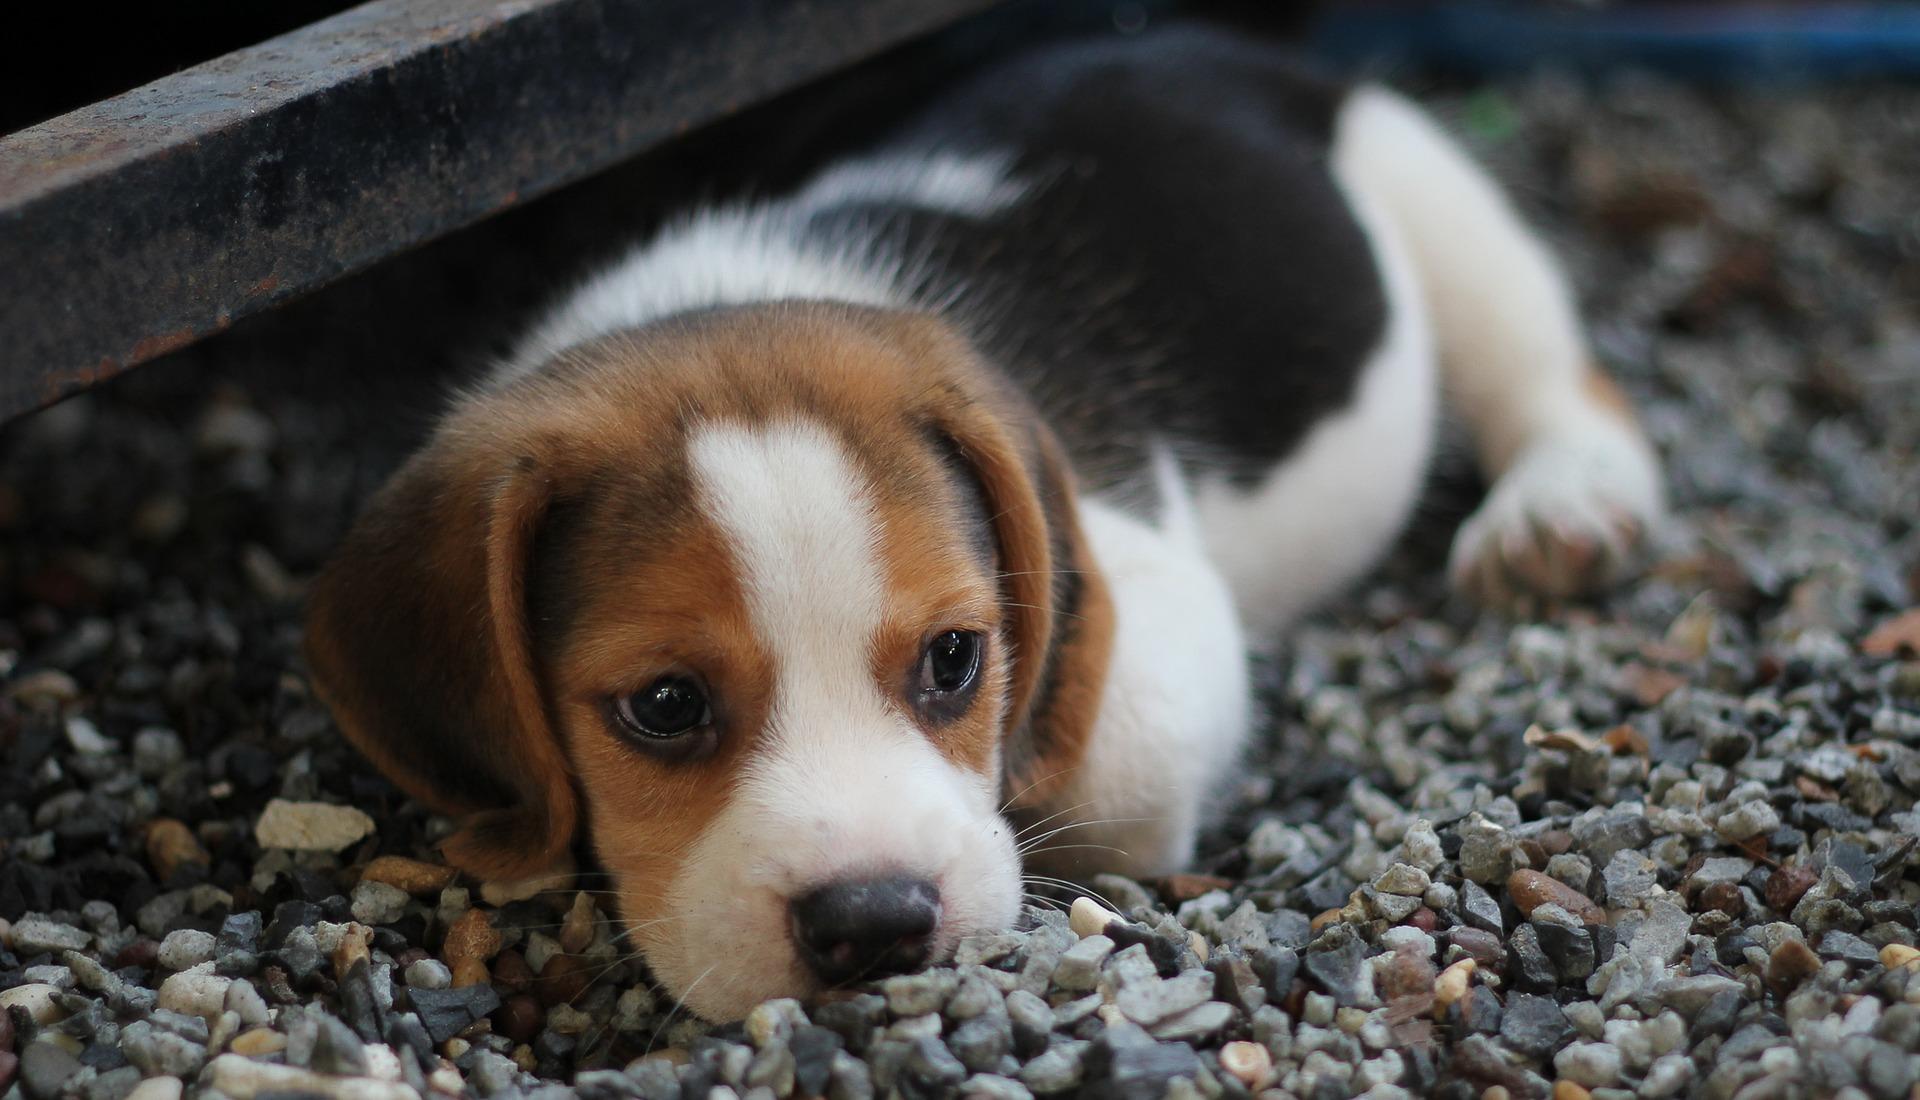 犬の皮膚真菌症を徹底解説!犬の病気を正しく知ろう